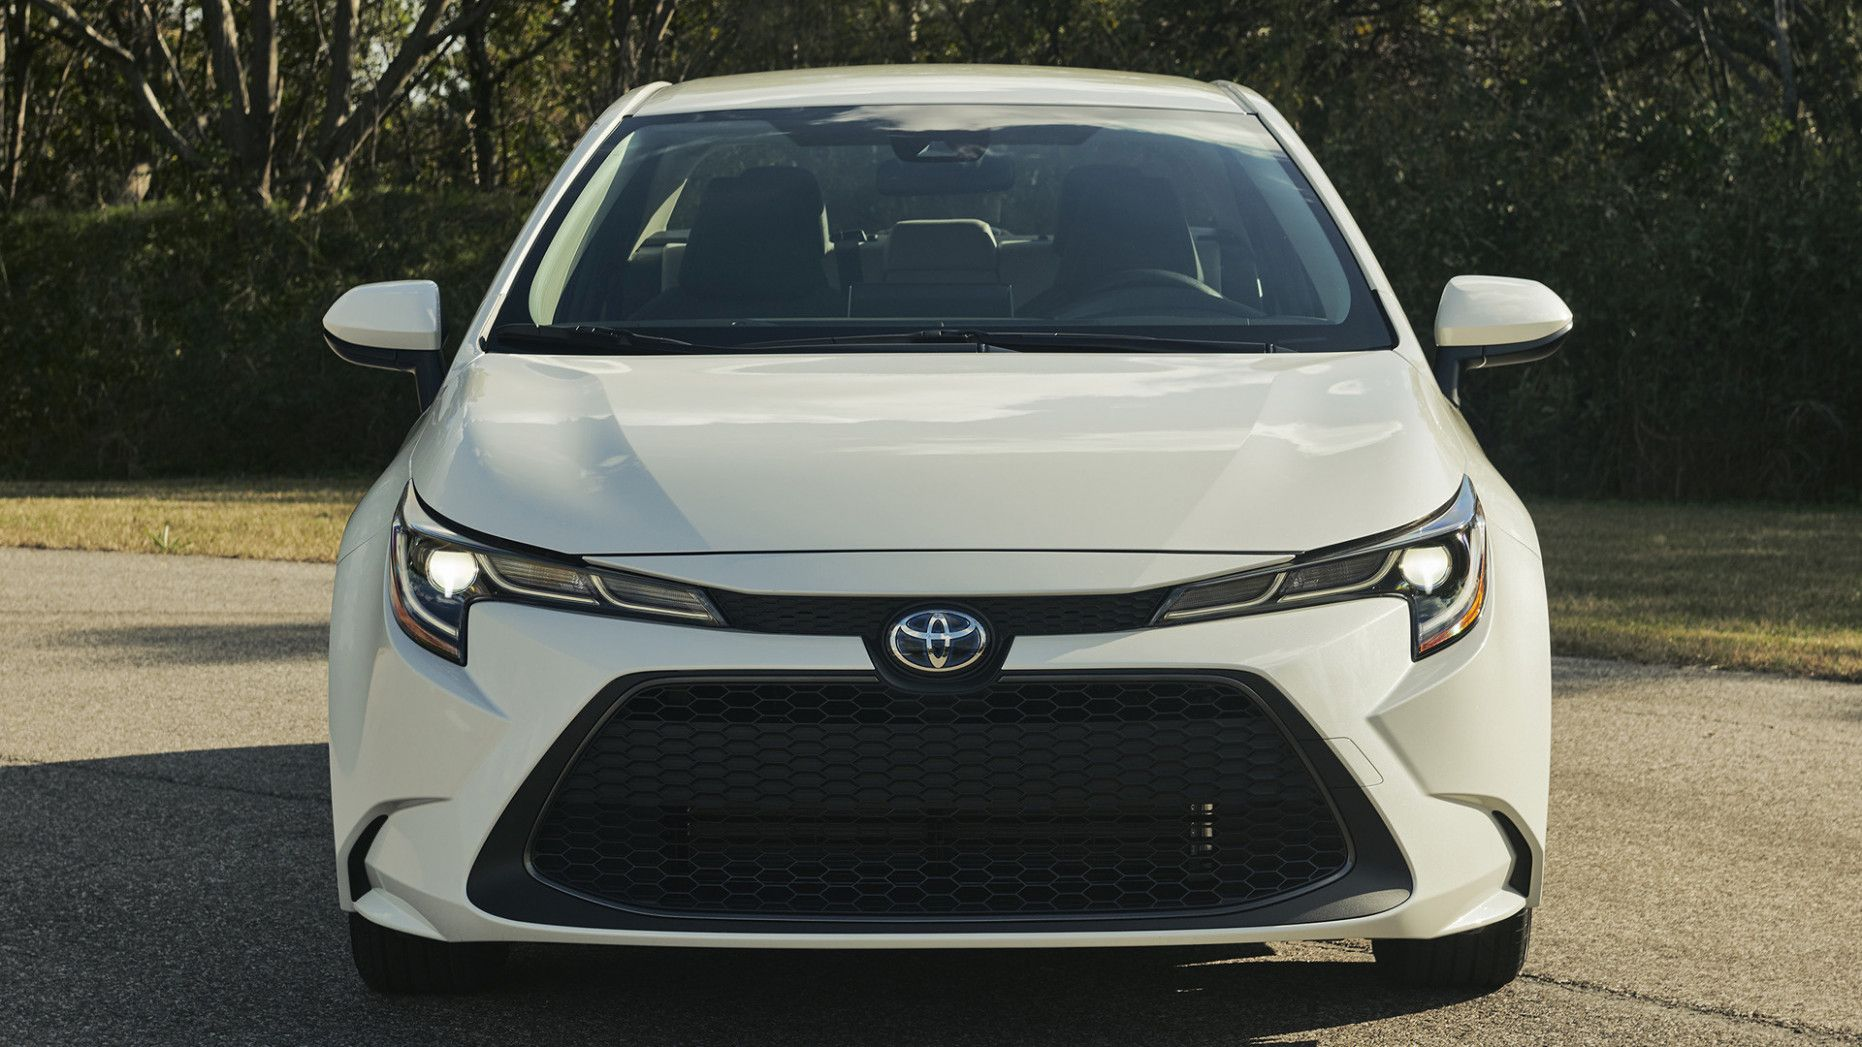 Toyota Xli 2020 Model Redesign And Review Em 2020 Carros Auto